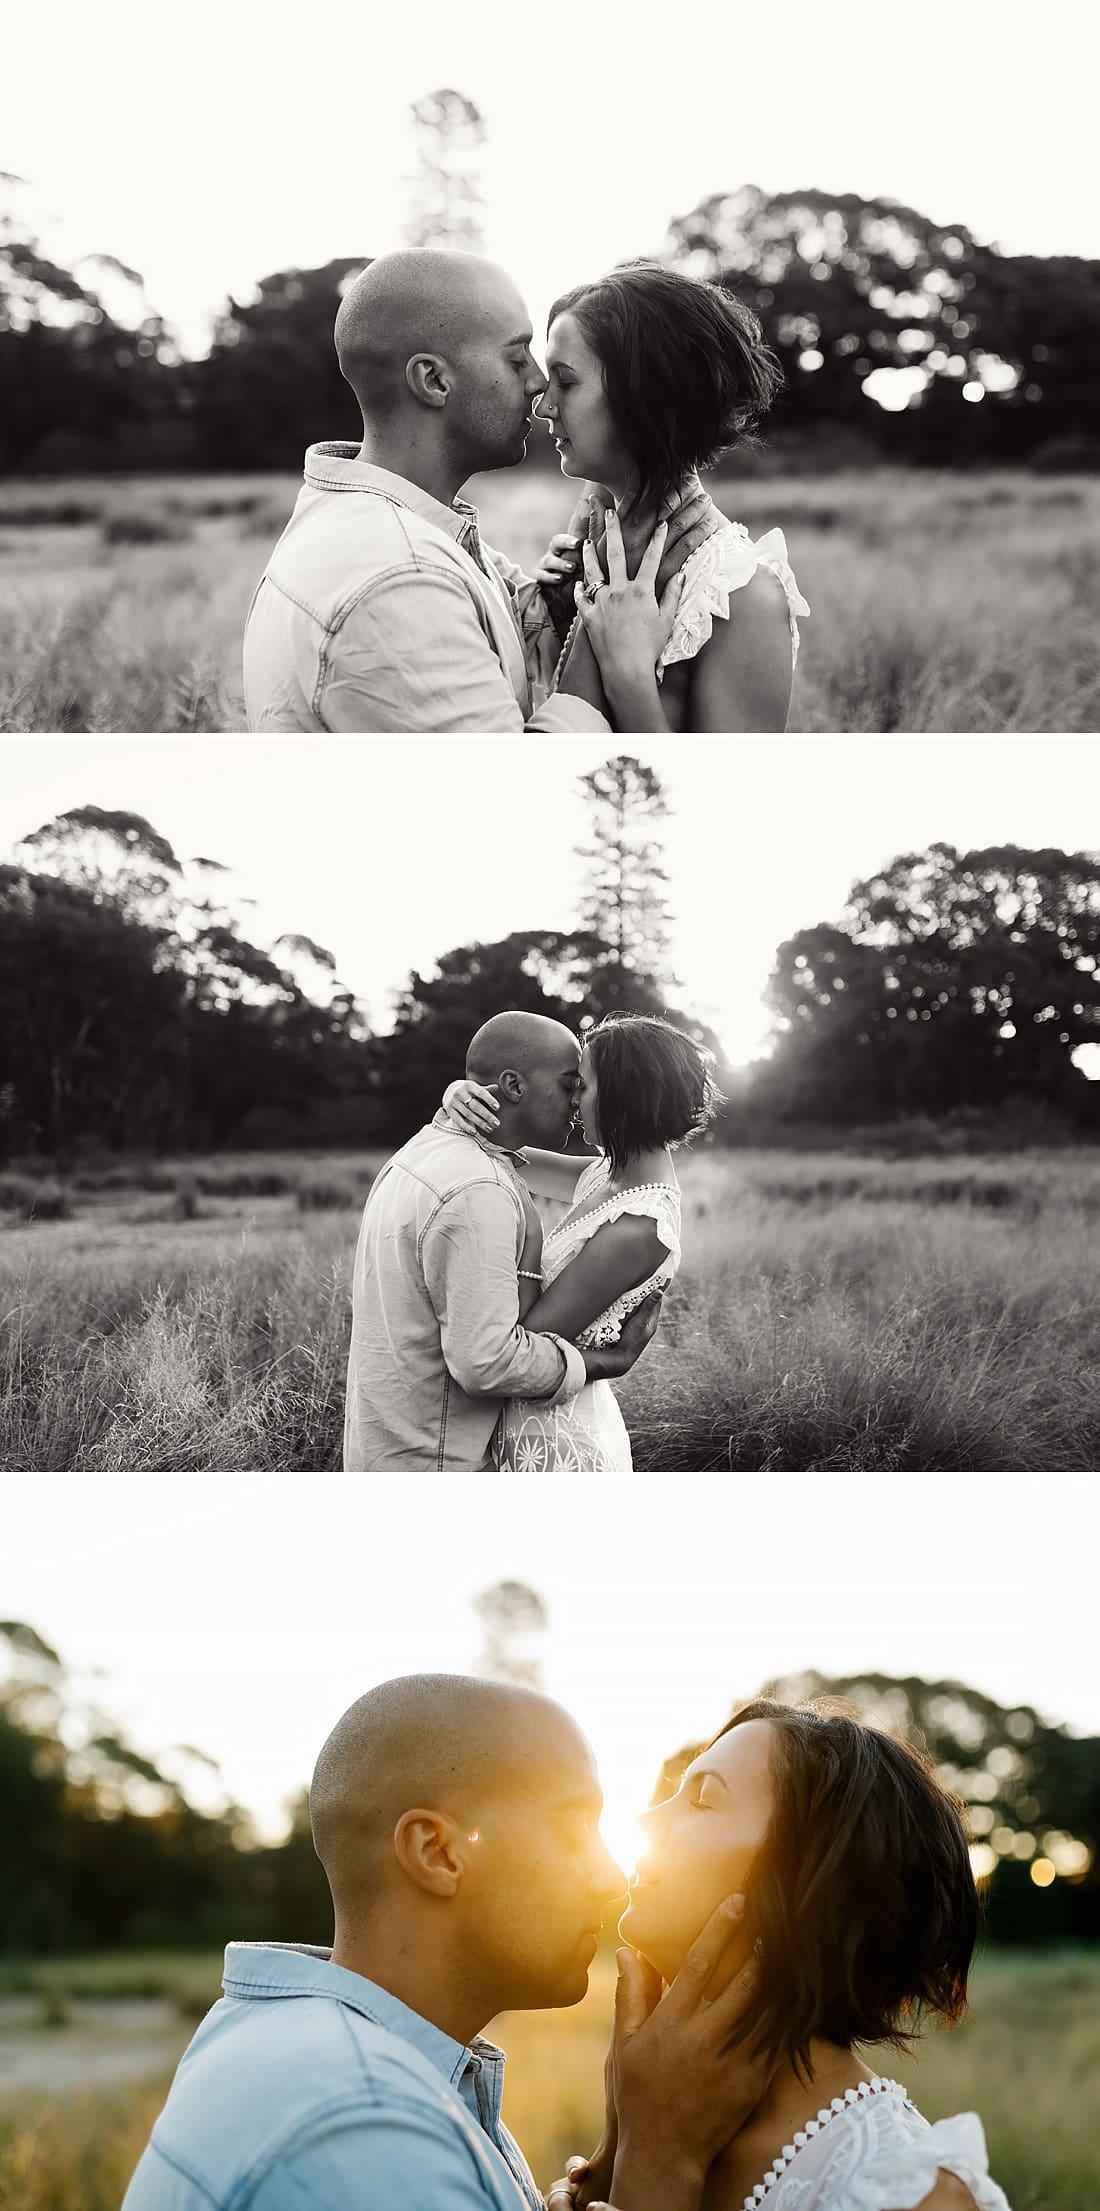 Lifestyle-couples-photography-sydney-sutherland-shire